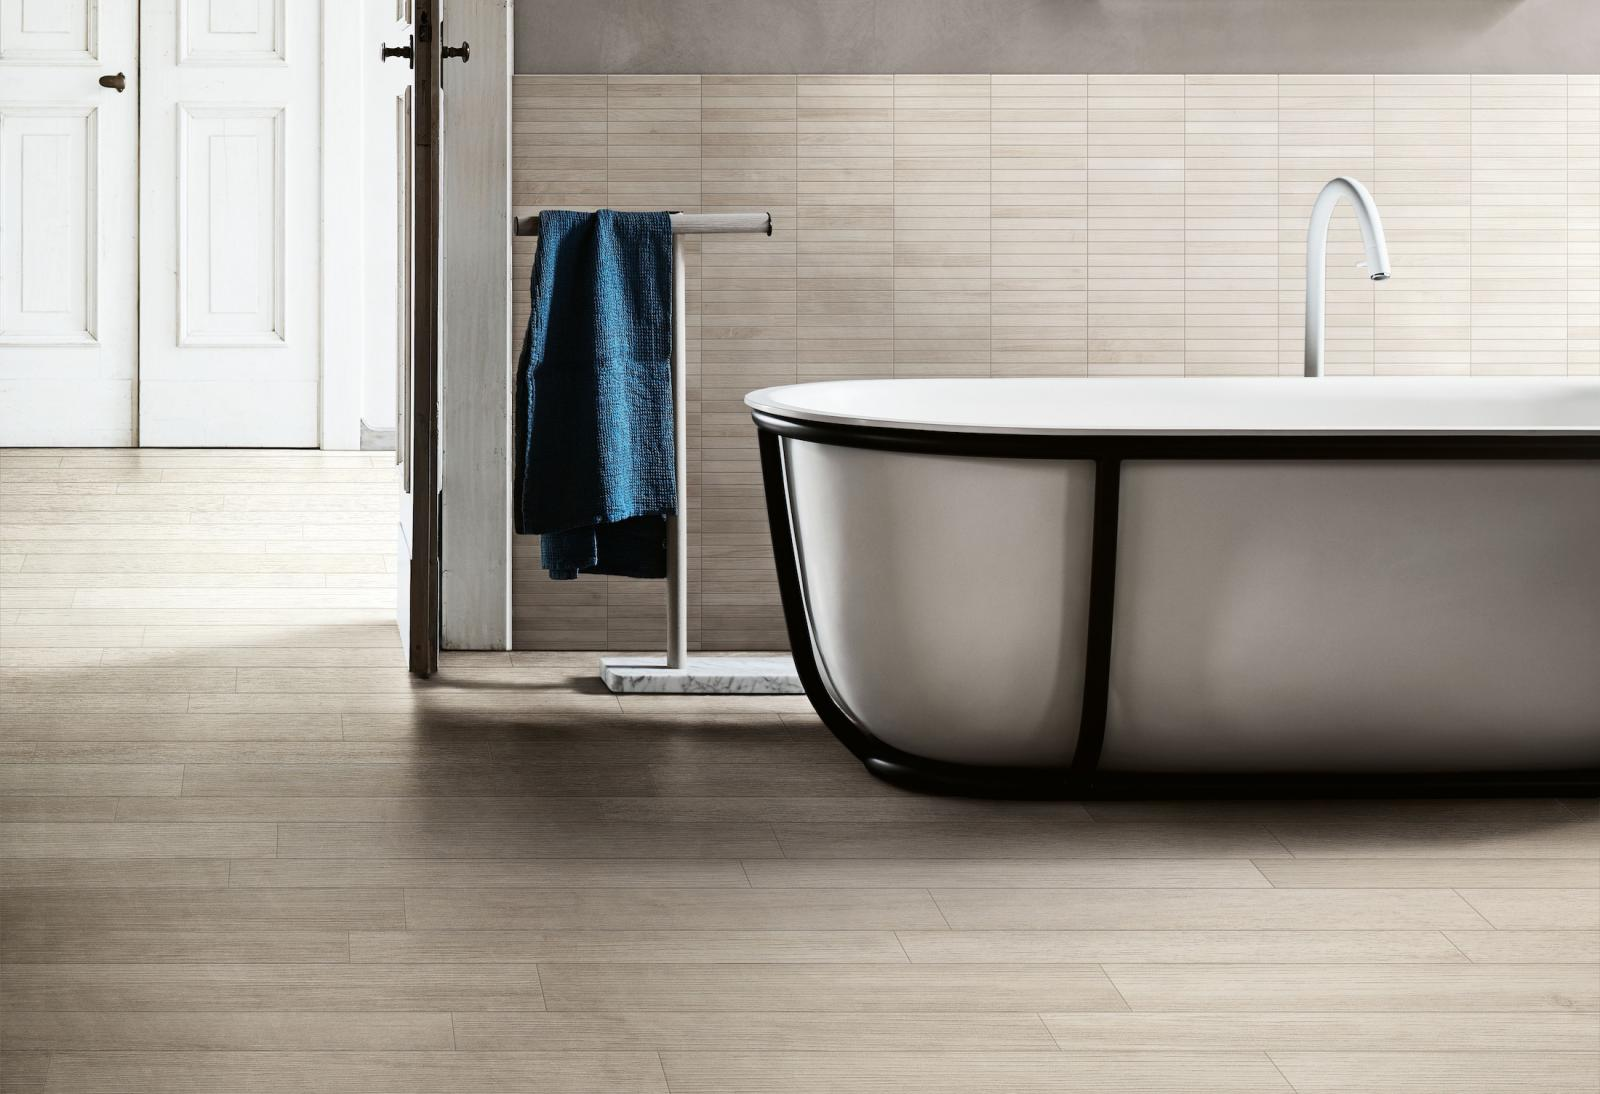 Tendenze bagno cucina: il legno facile senza tempo ceramiche